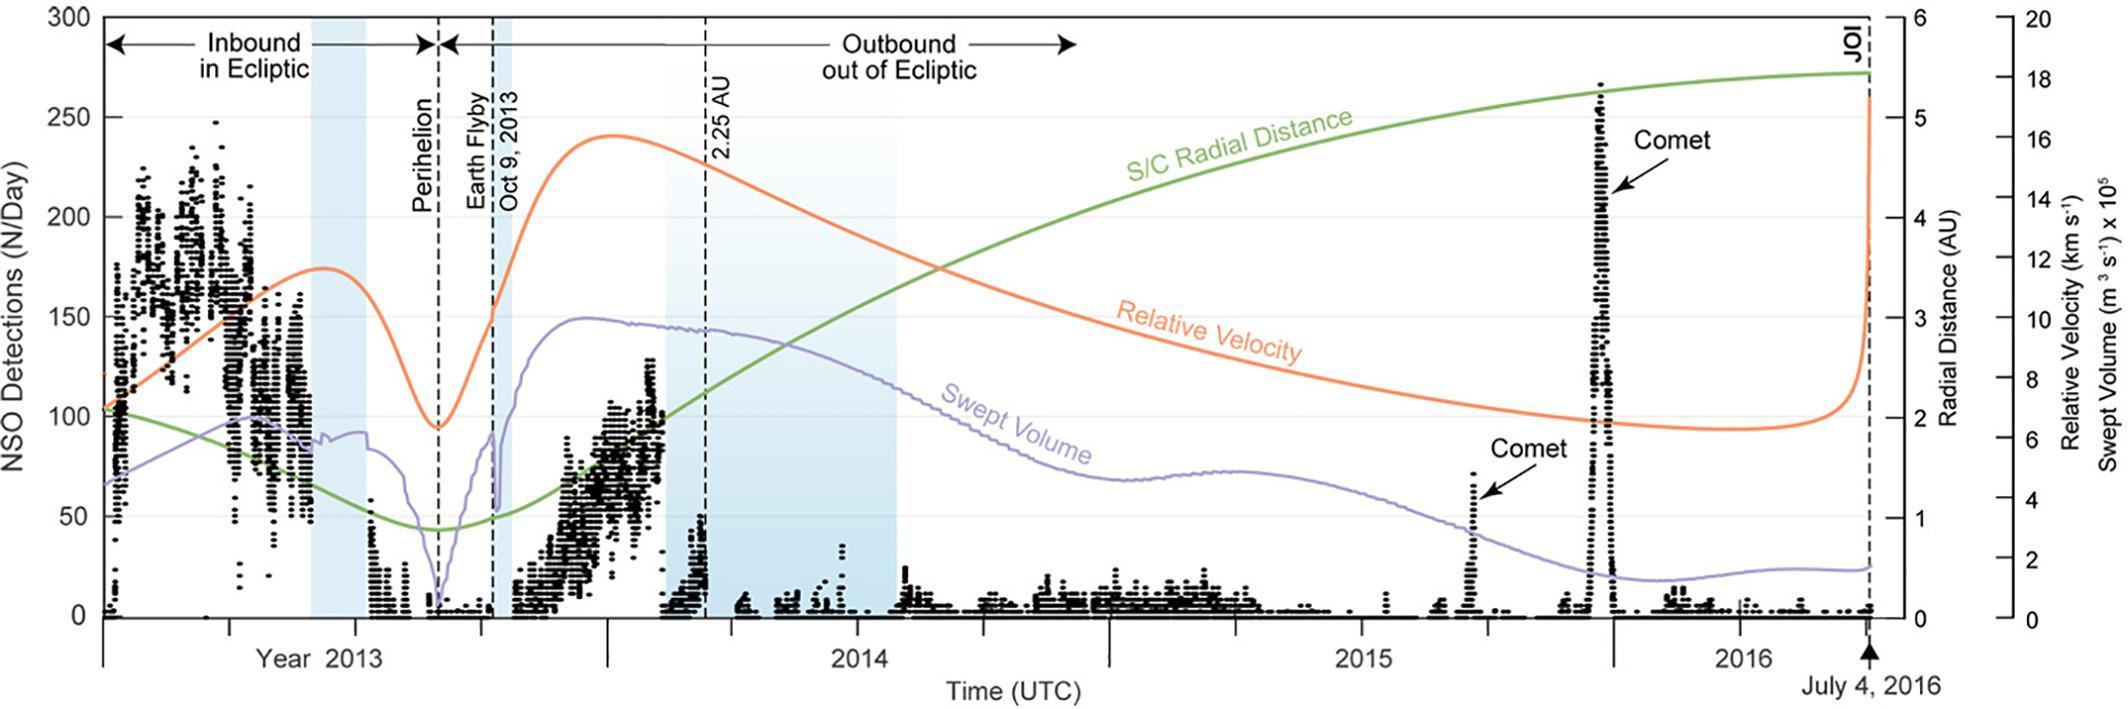 От заката до рассвета: зодиакальный свет на Земле может быть вызван пылевыми бурями на Марсе